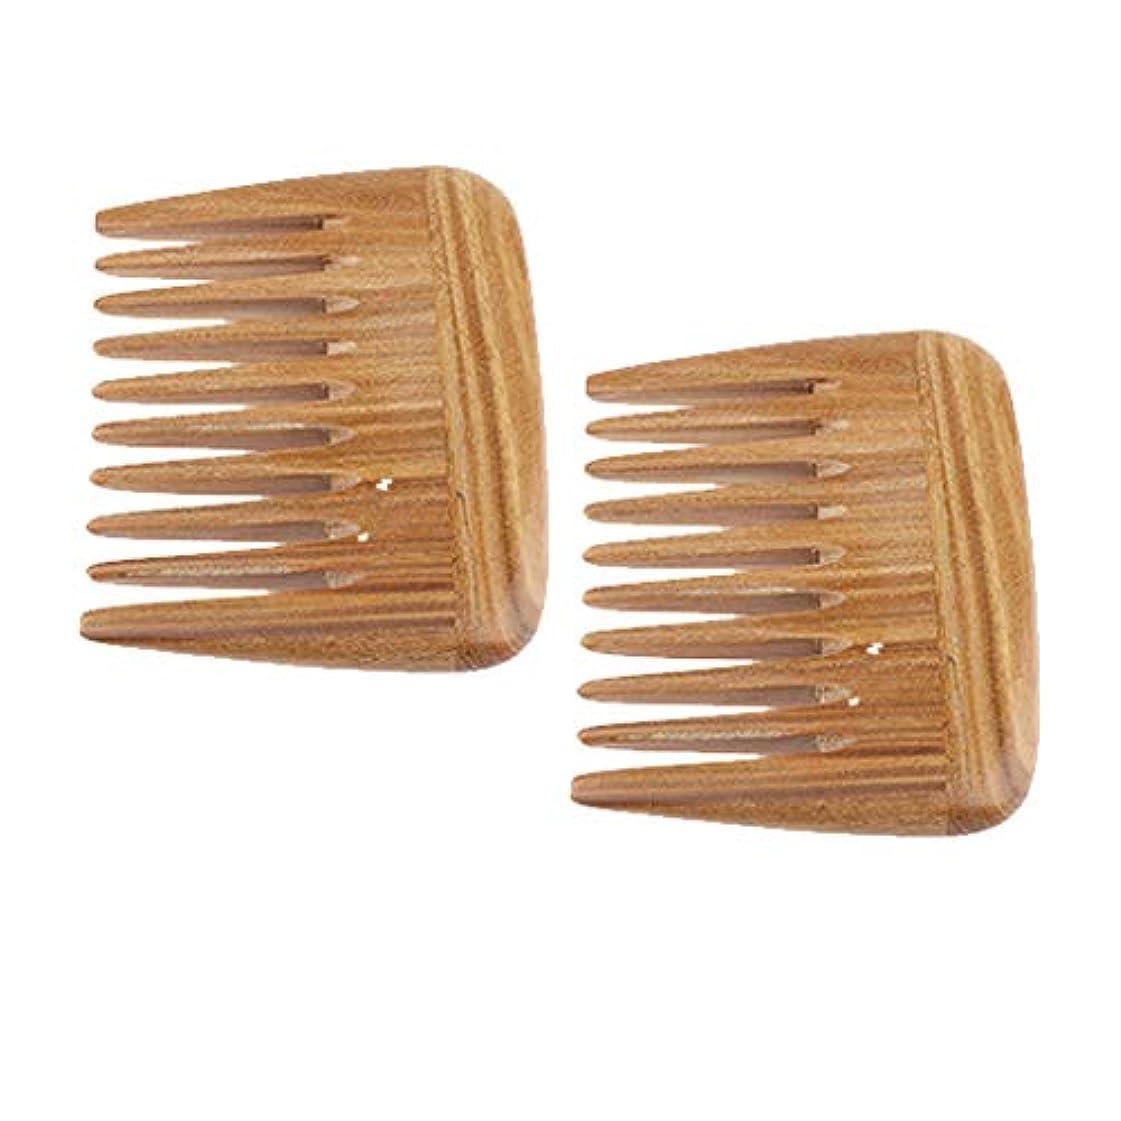 昨日ロシアジョージバーナードF Fityle 2個 木製櫛 ヘアブラシ 口ひげ メンズ プレゼント